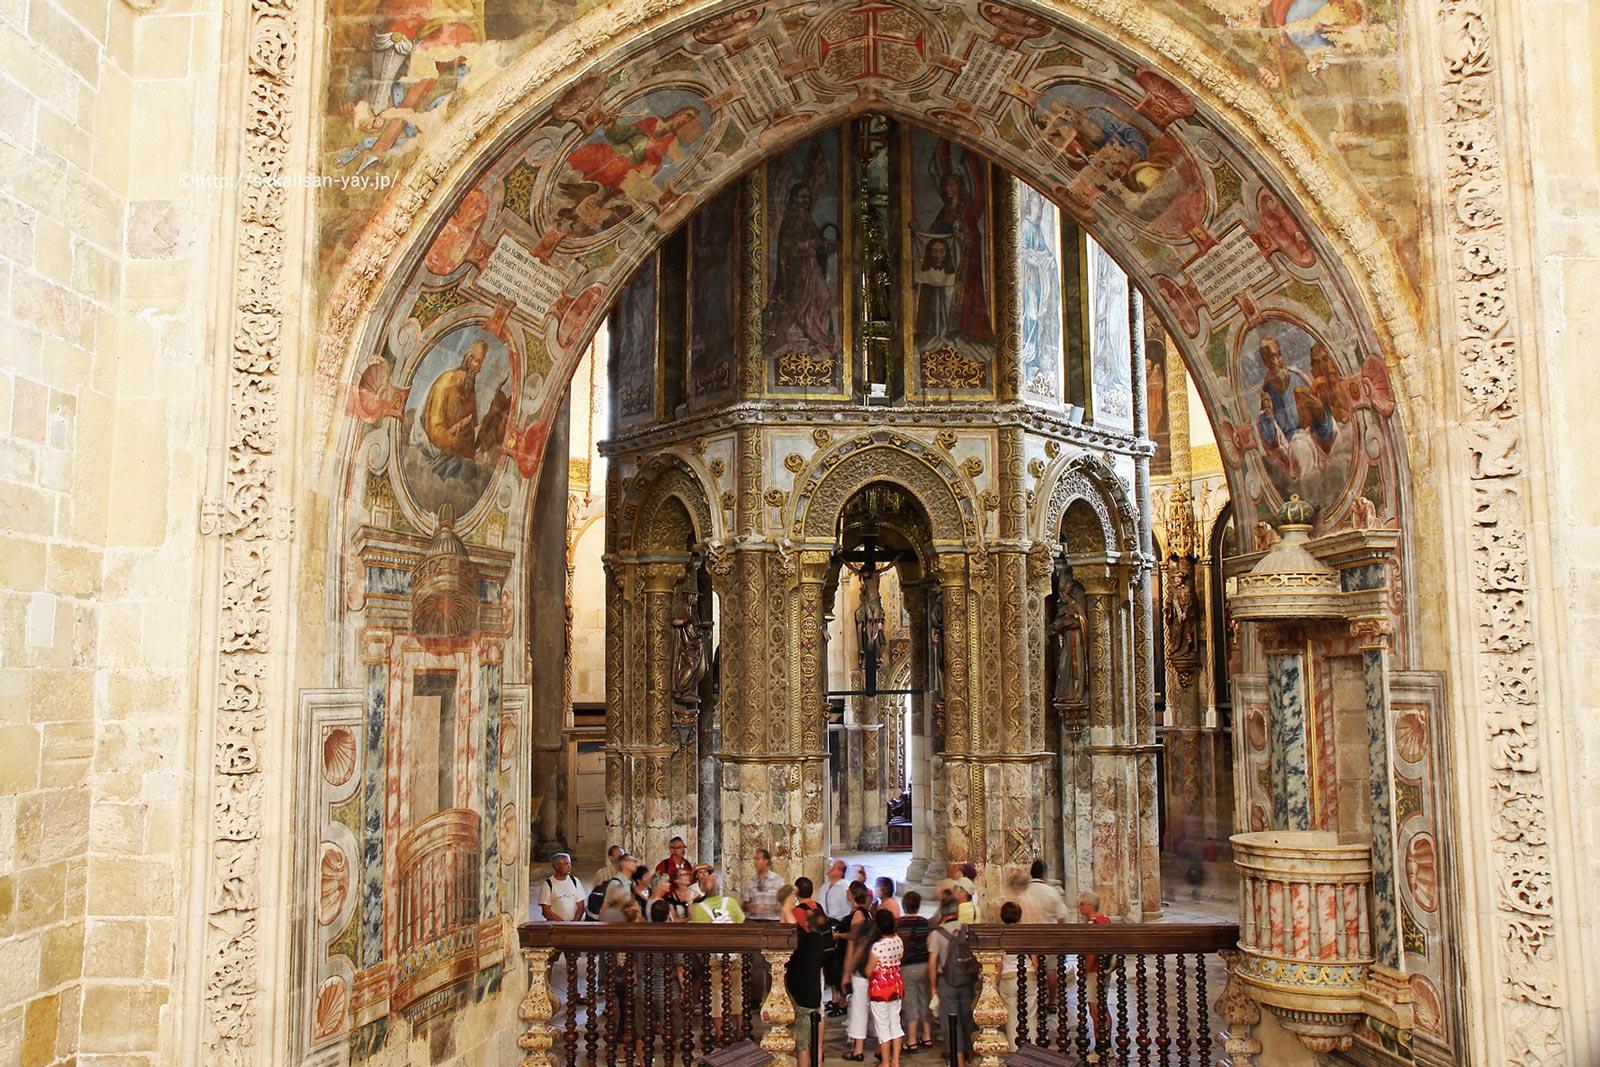 ポルトガル「トマールのキリスト教修道院」